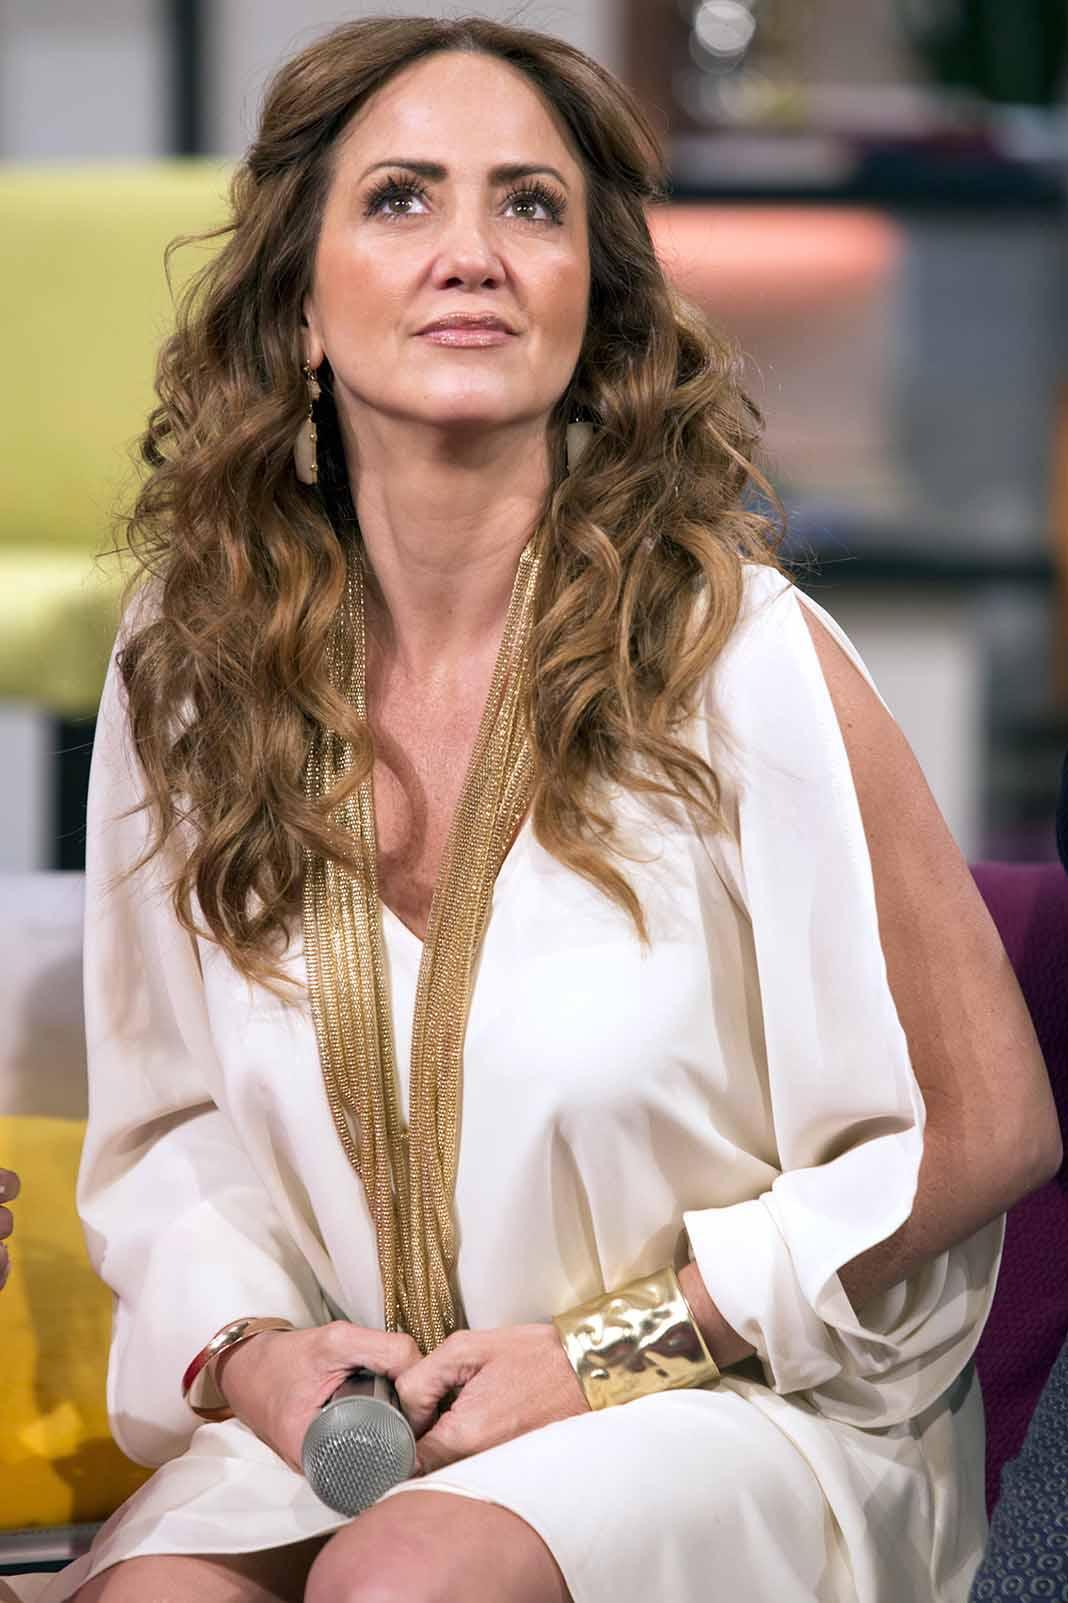 Andrea Legarreta dijo que el ataque de Adame va en contra no sólo de ella, sino de todas las mujeres